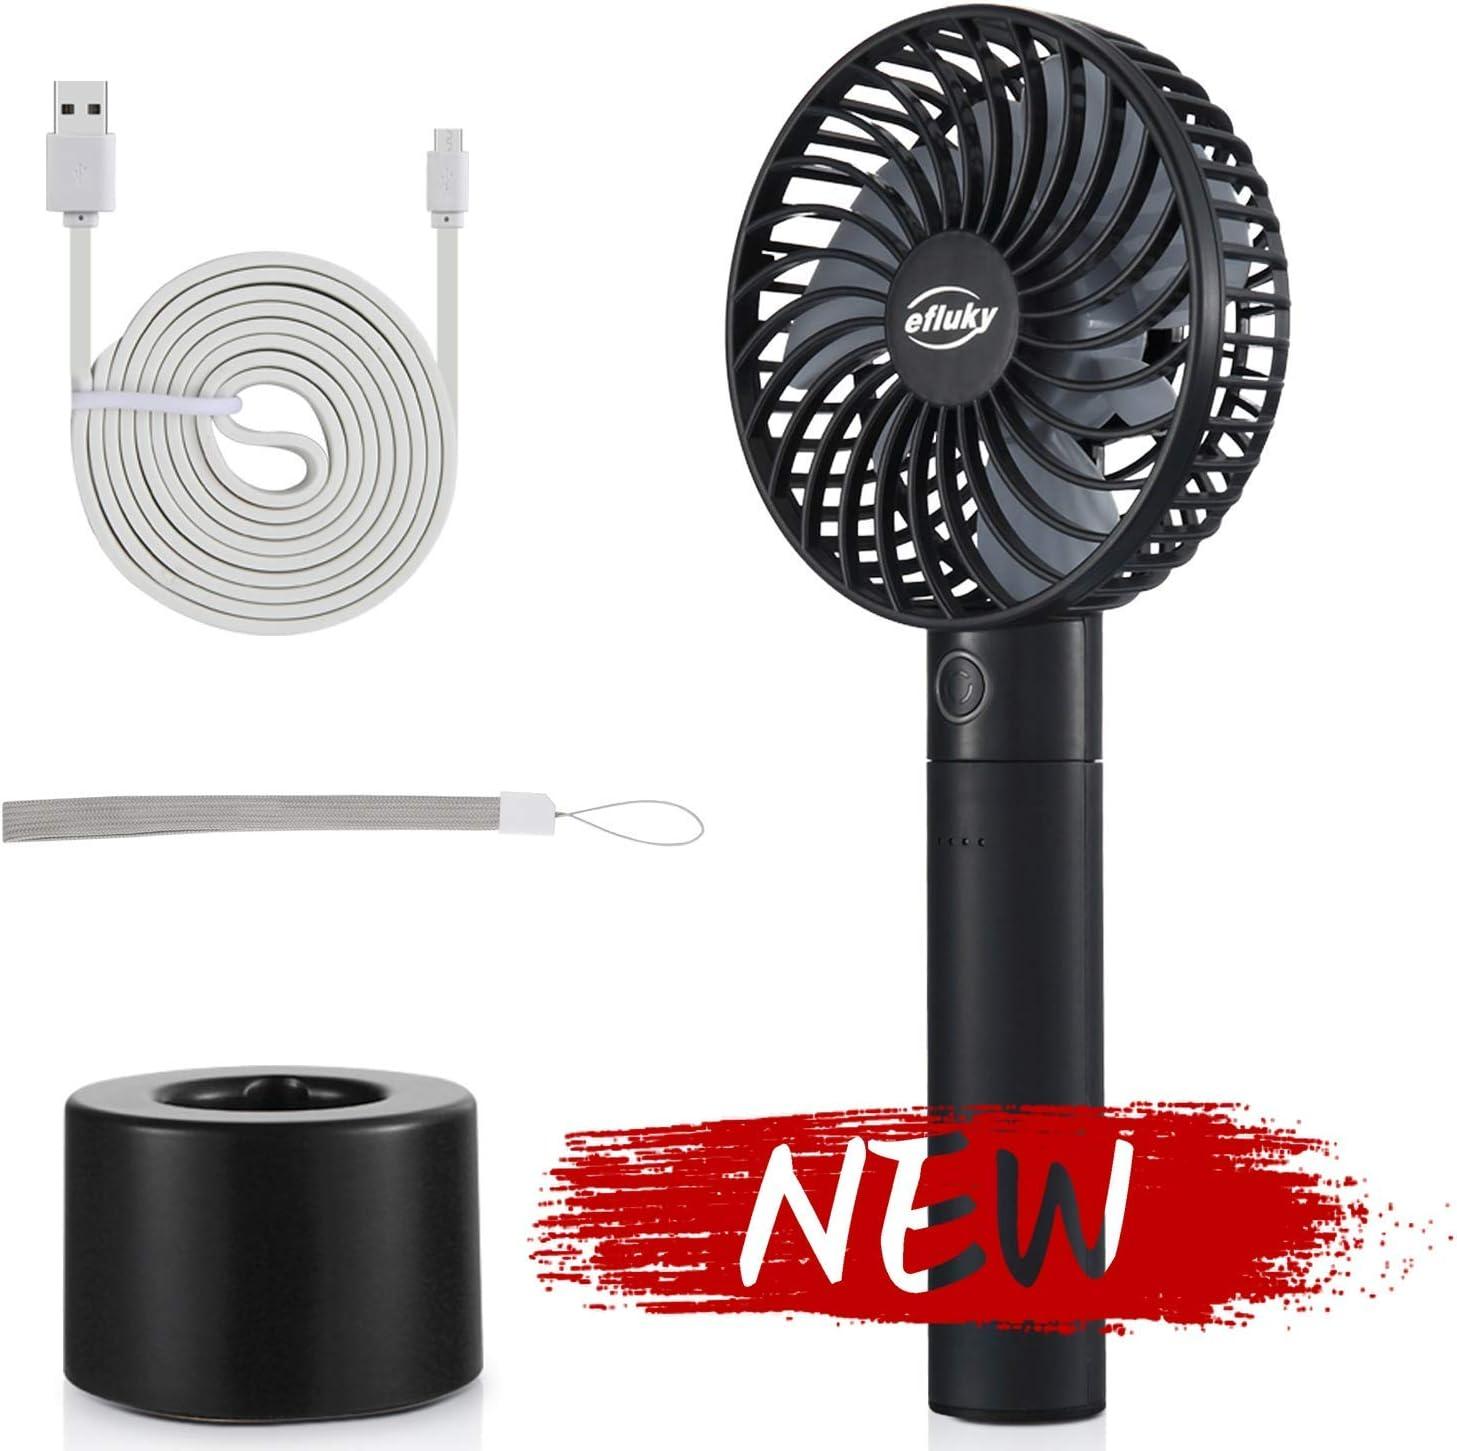 efluky Ventilador Portatil, Mini Ventilador USB, Ventilador Recargable con Banco de Potencia Extraíble 2600mAh, 5 Velocidades Ajustables, 3-9 Horas de Tiempo de Trabajo(Negro)